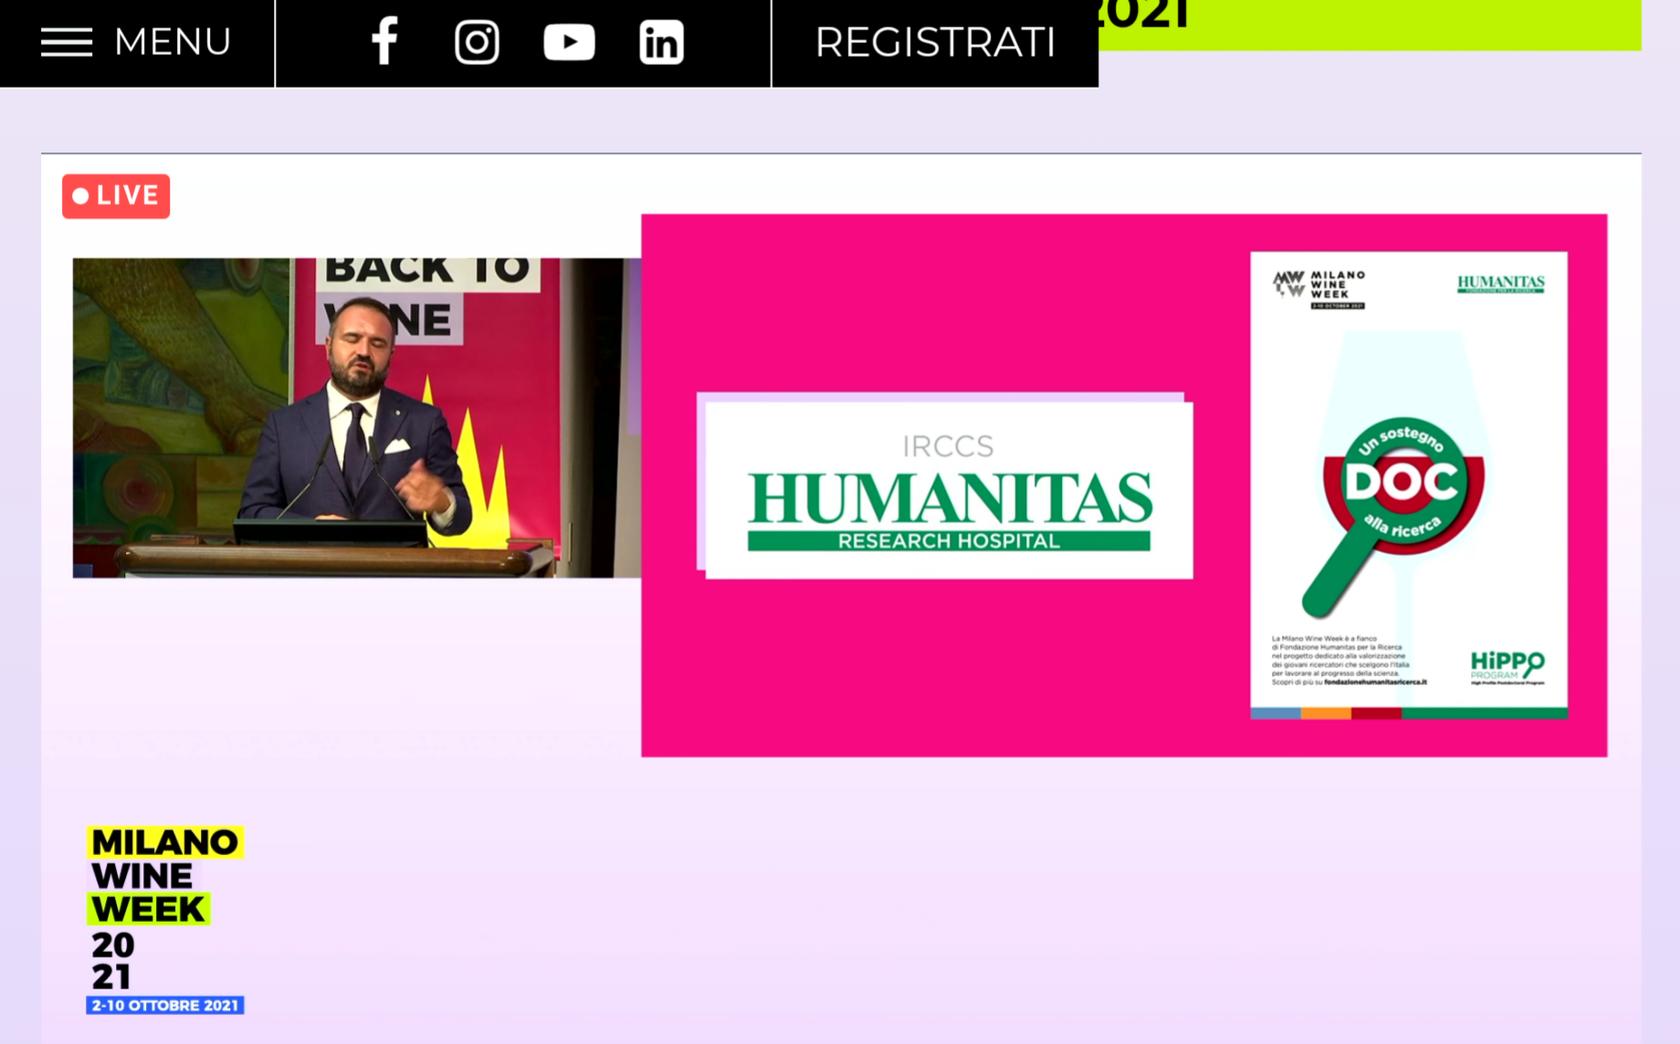 MWW sostiene il progetto HiPPO Humanitas